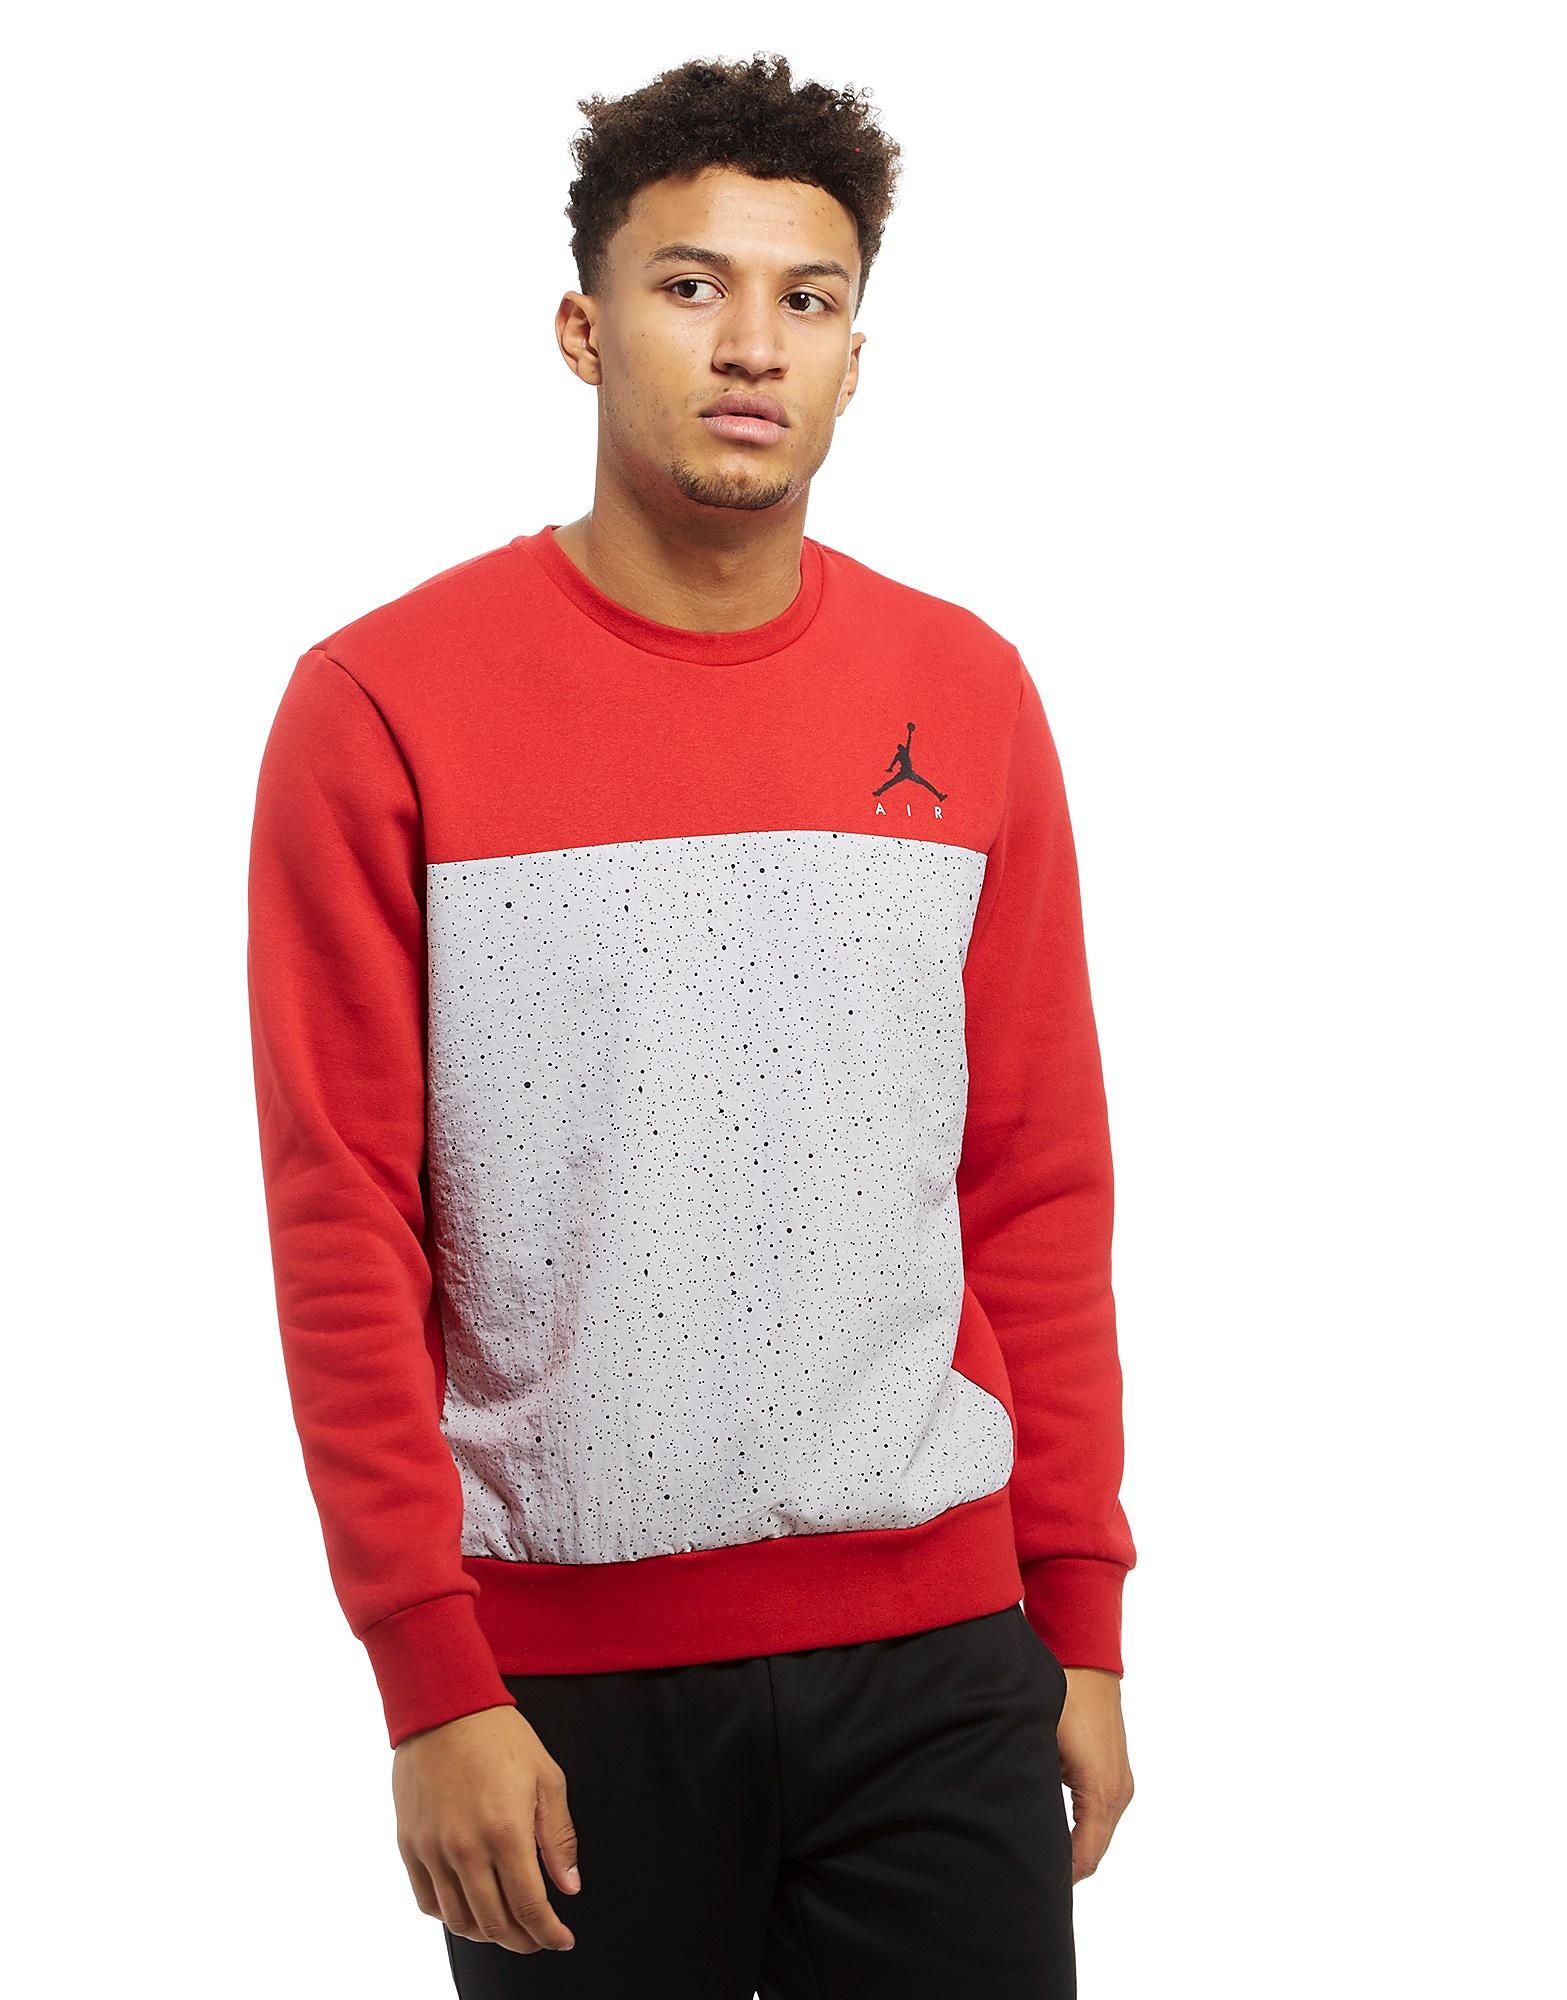 Jordan Cement Crew Sweatshirt